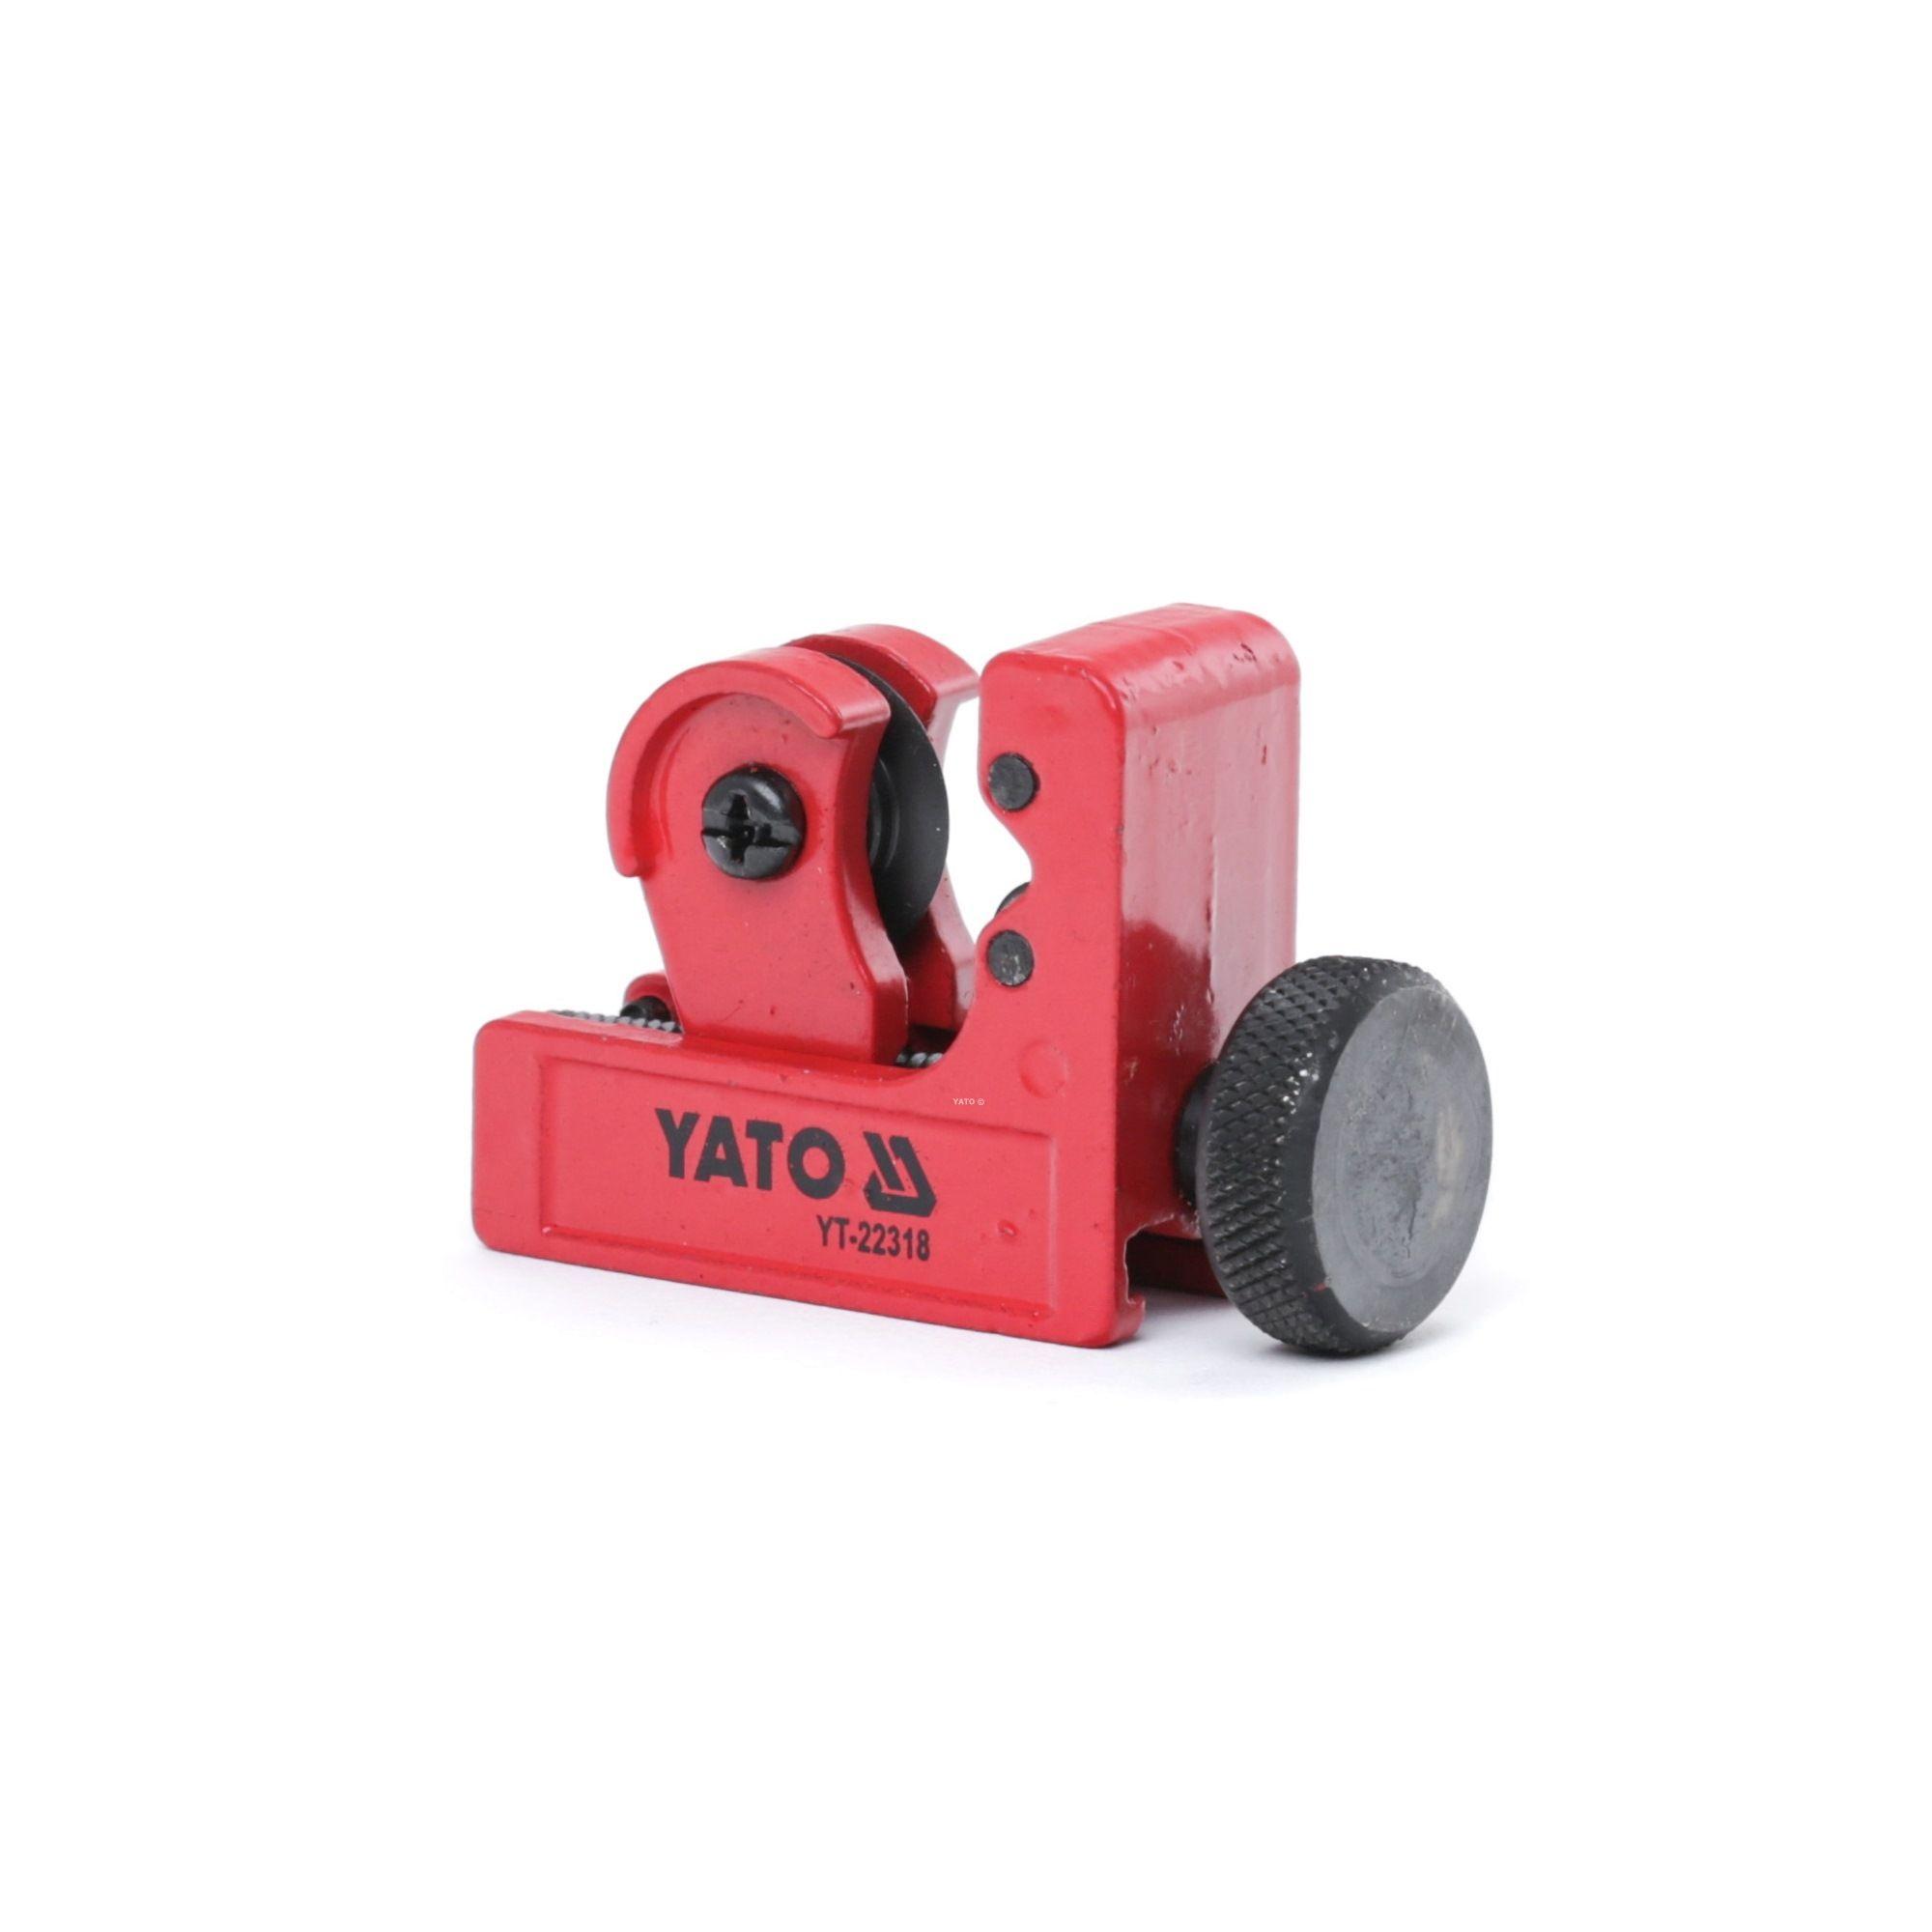 Tagliatubi YATO YT-22318 valutazione